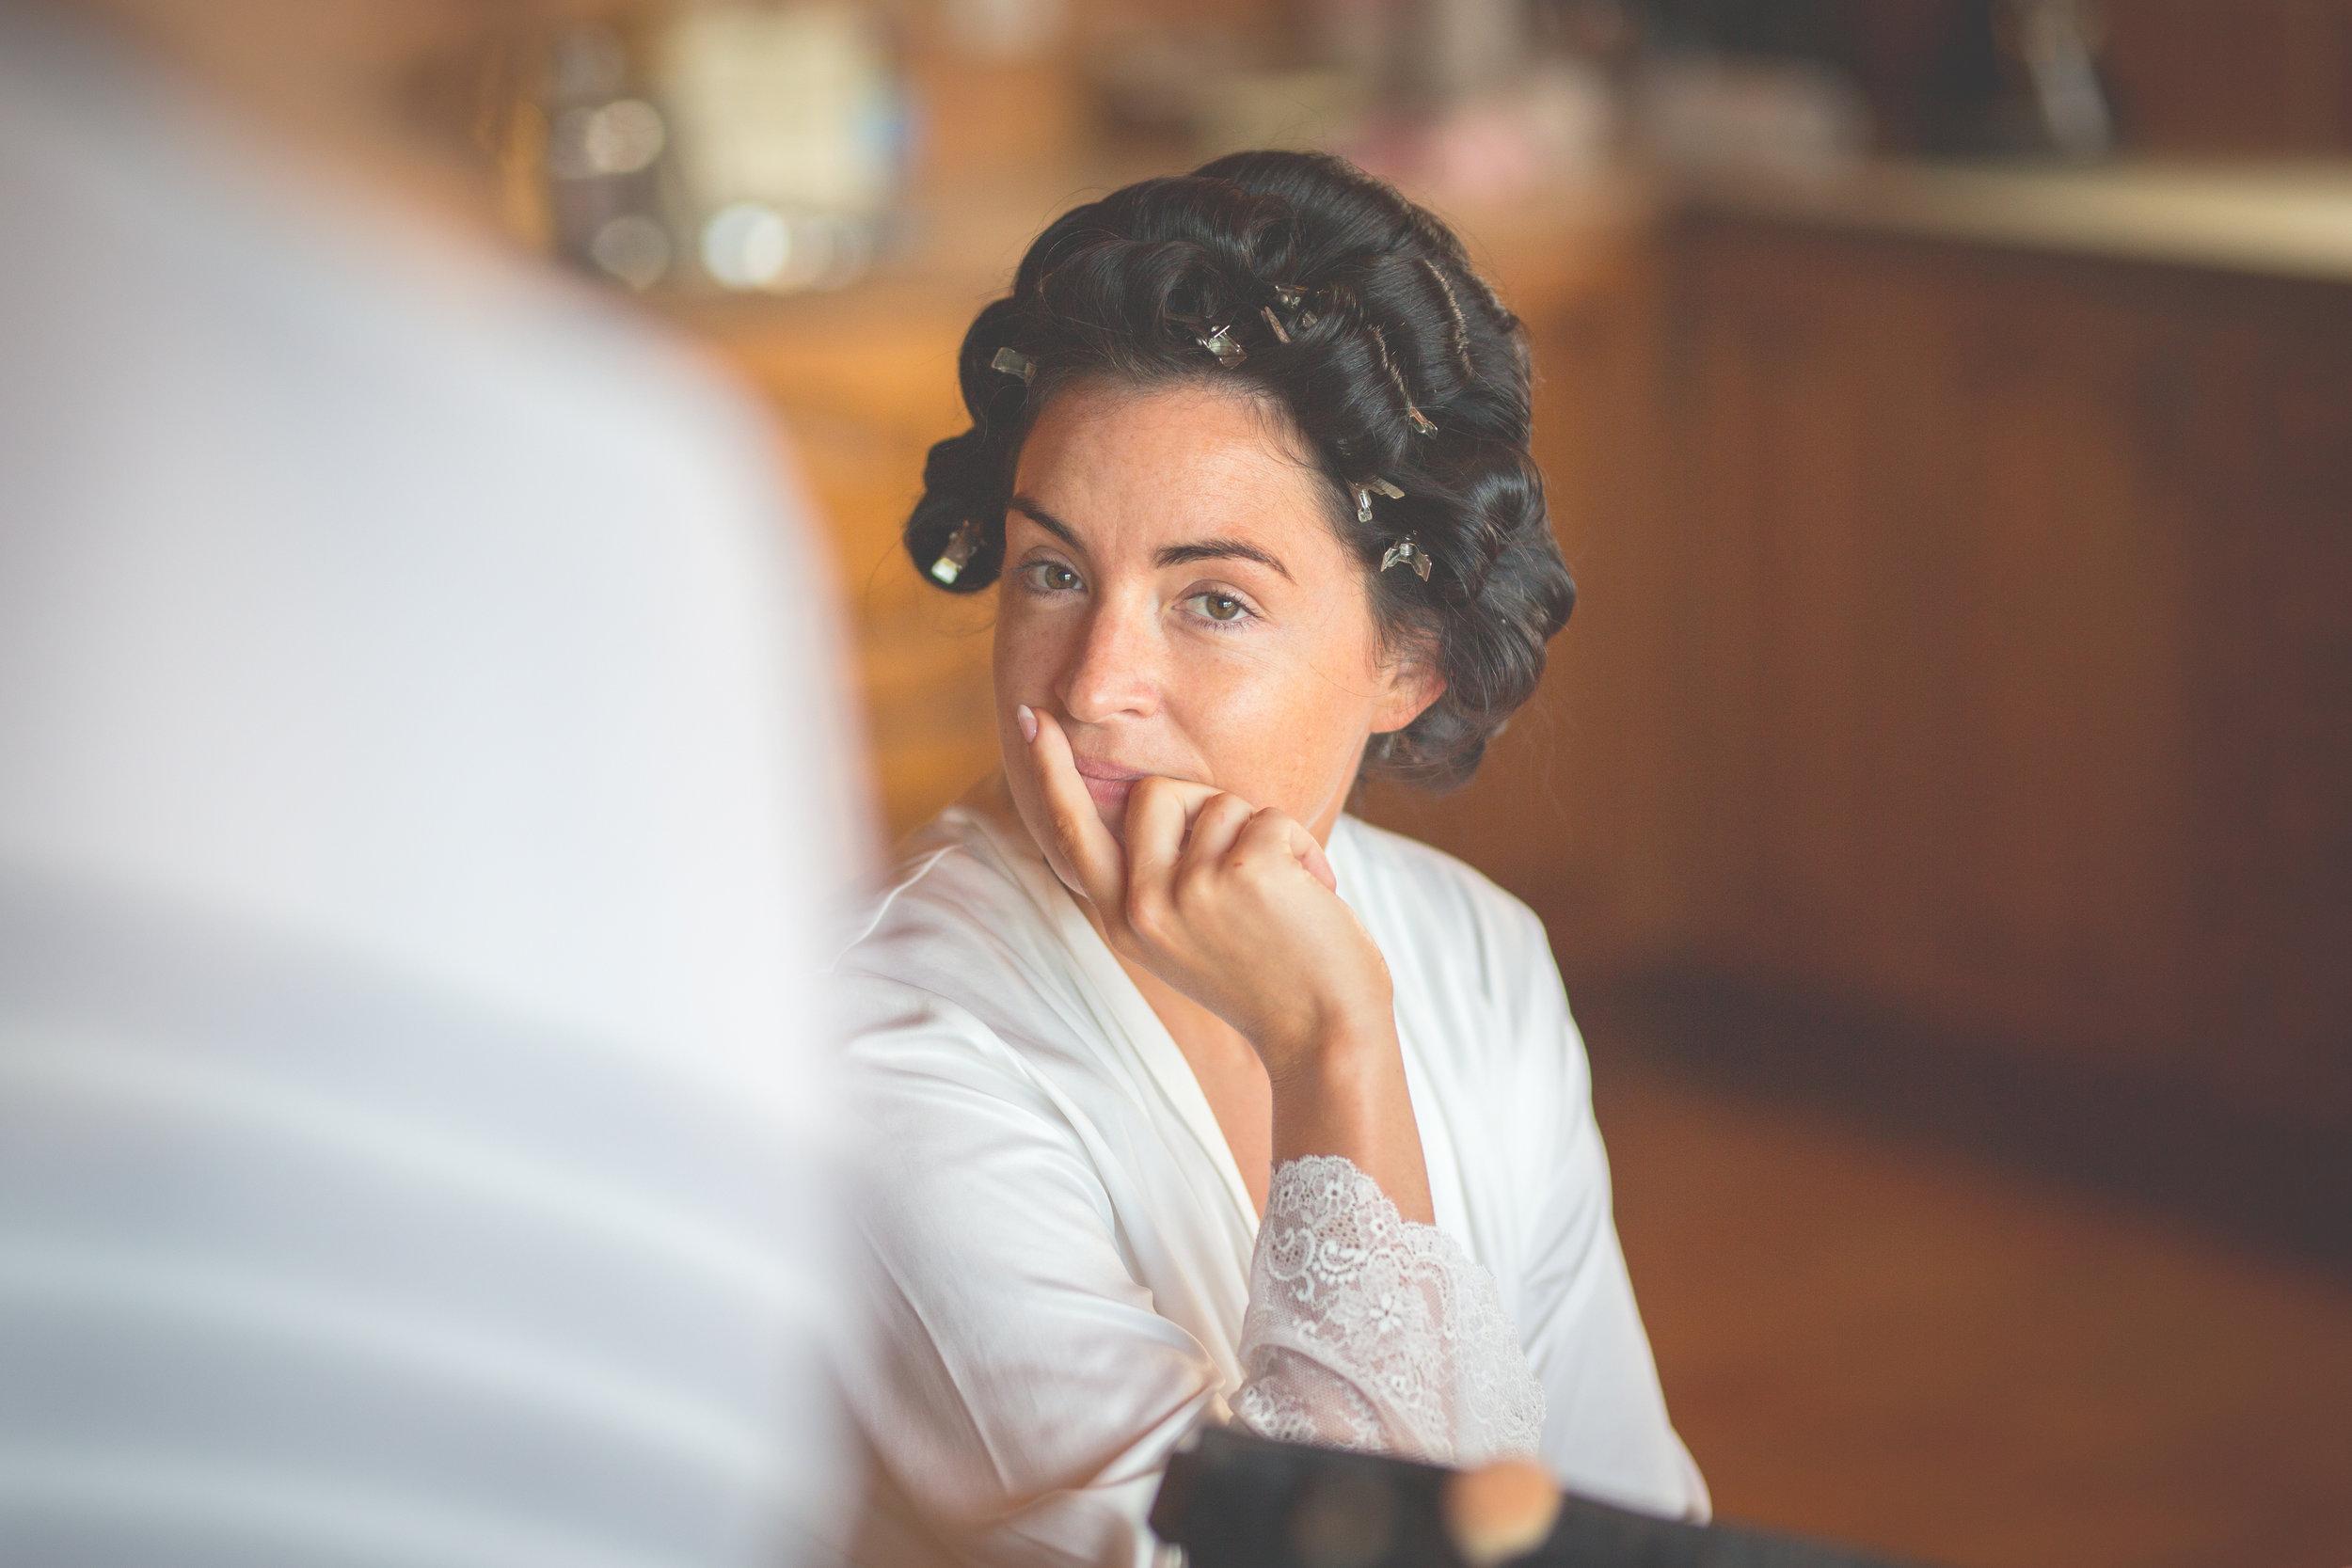 Brian McEwan Wedding Photography | Carol-Anne & Sean | Bridal Preparations-51.jpg